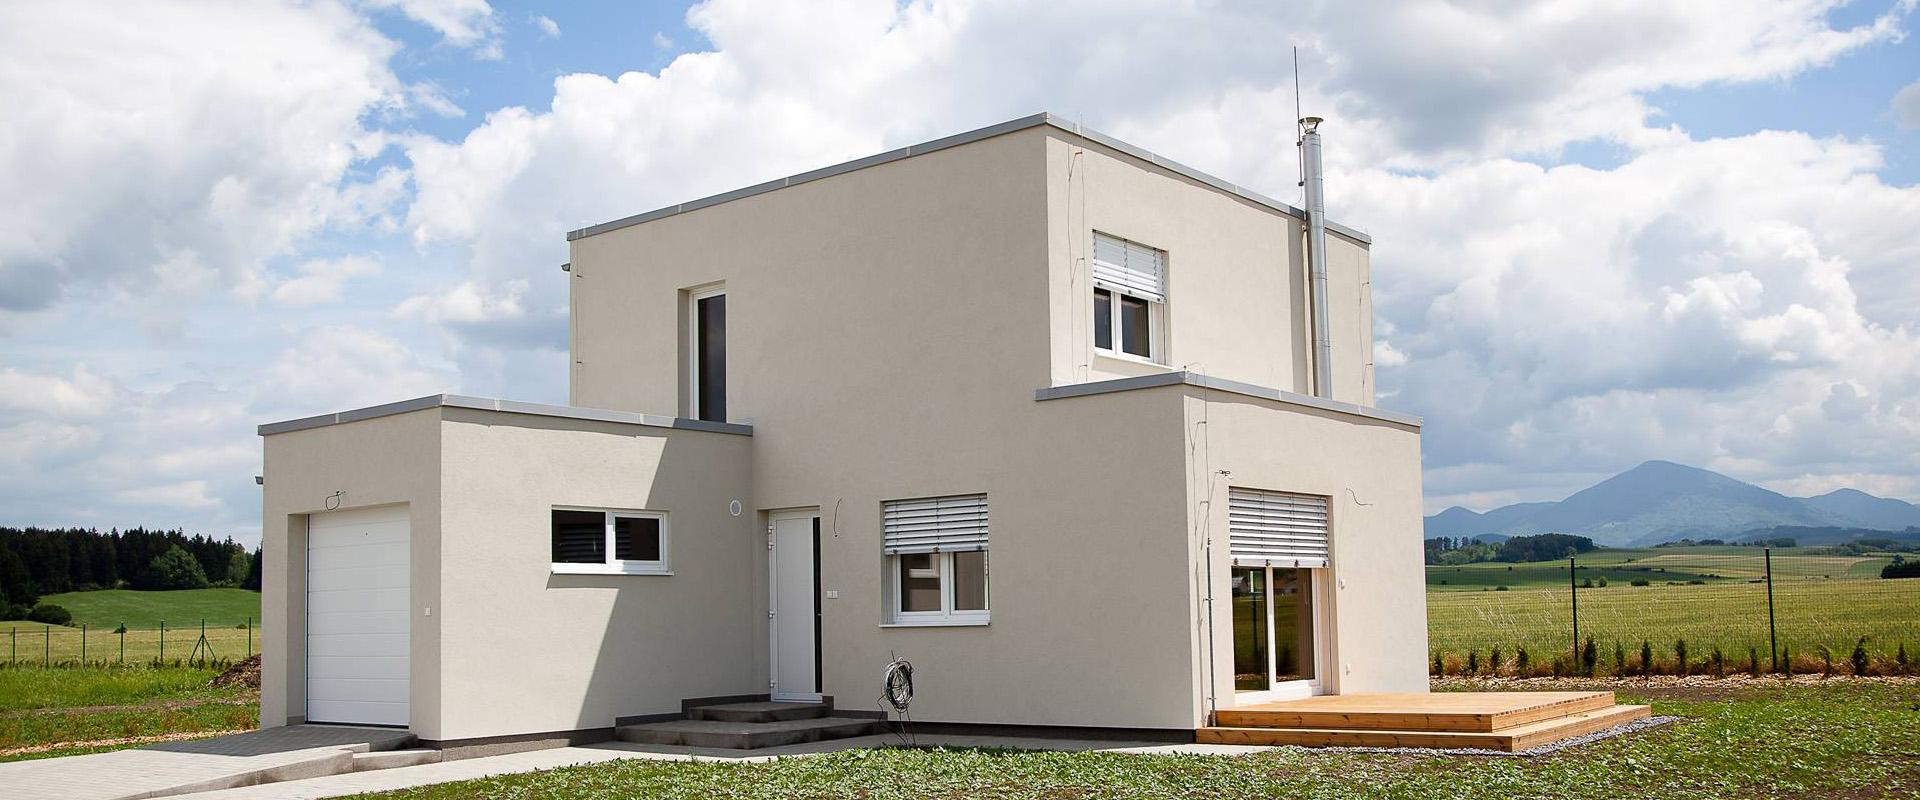 Staviame nízkoenergetické rodinné domy na kľúč